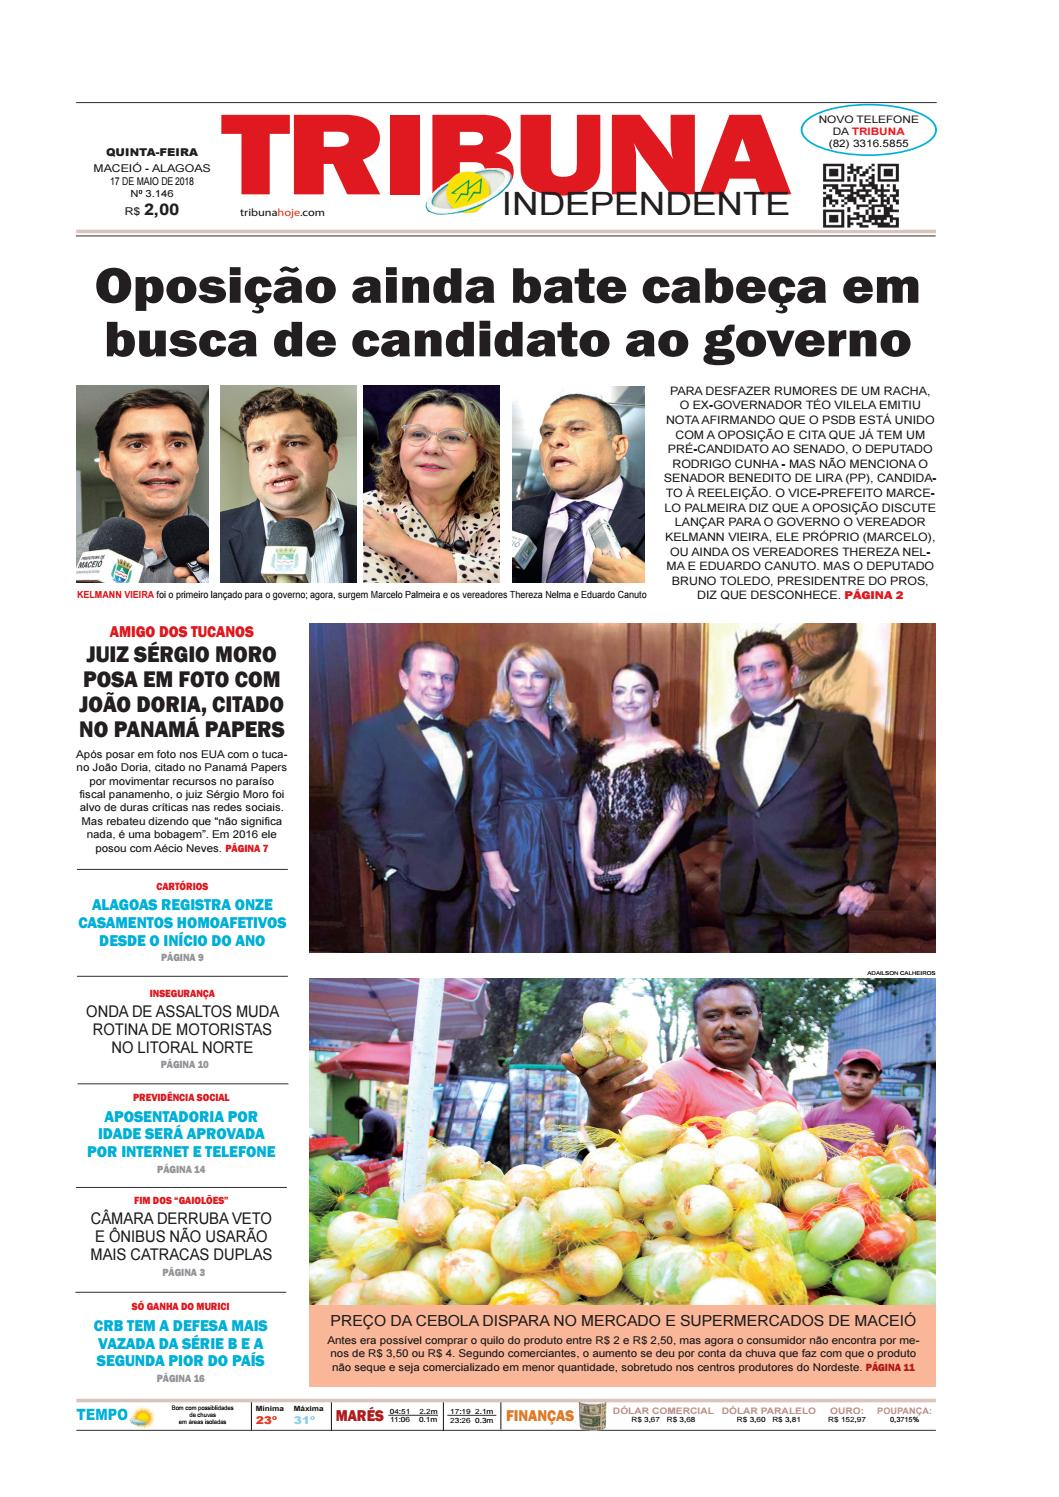 976436301 Edição número 3146 - 17 de maio de 2018 by Tribuna Hoje - issuu